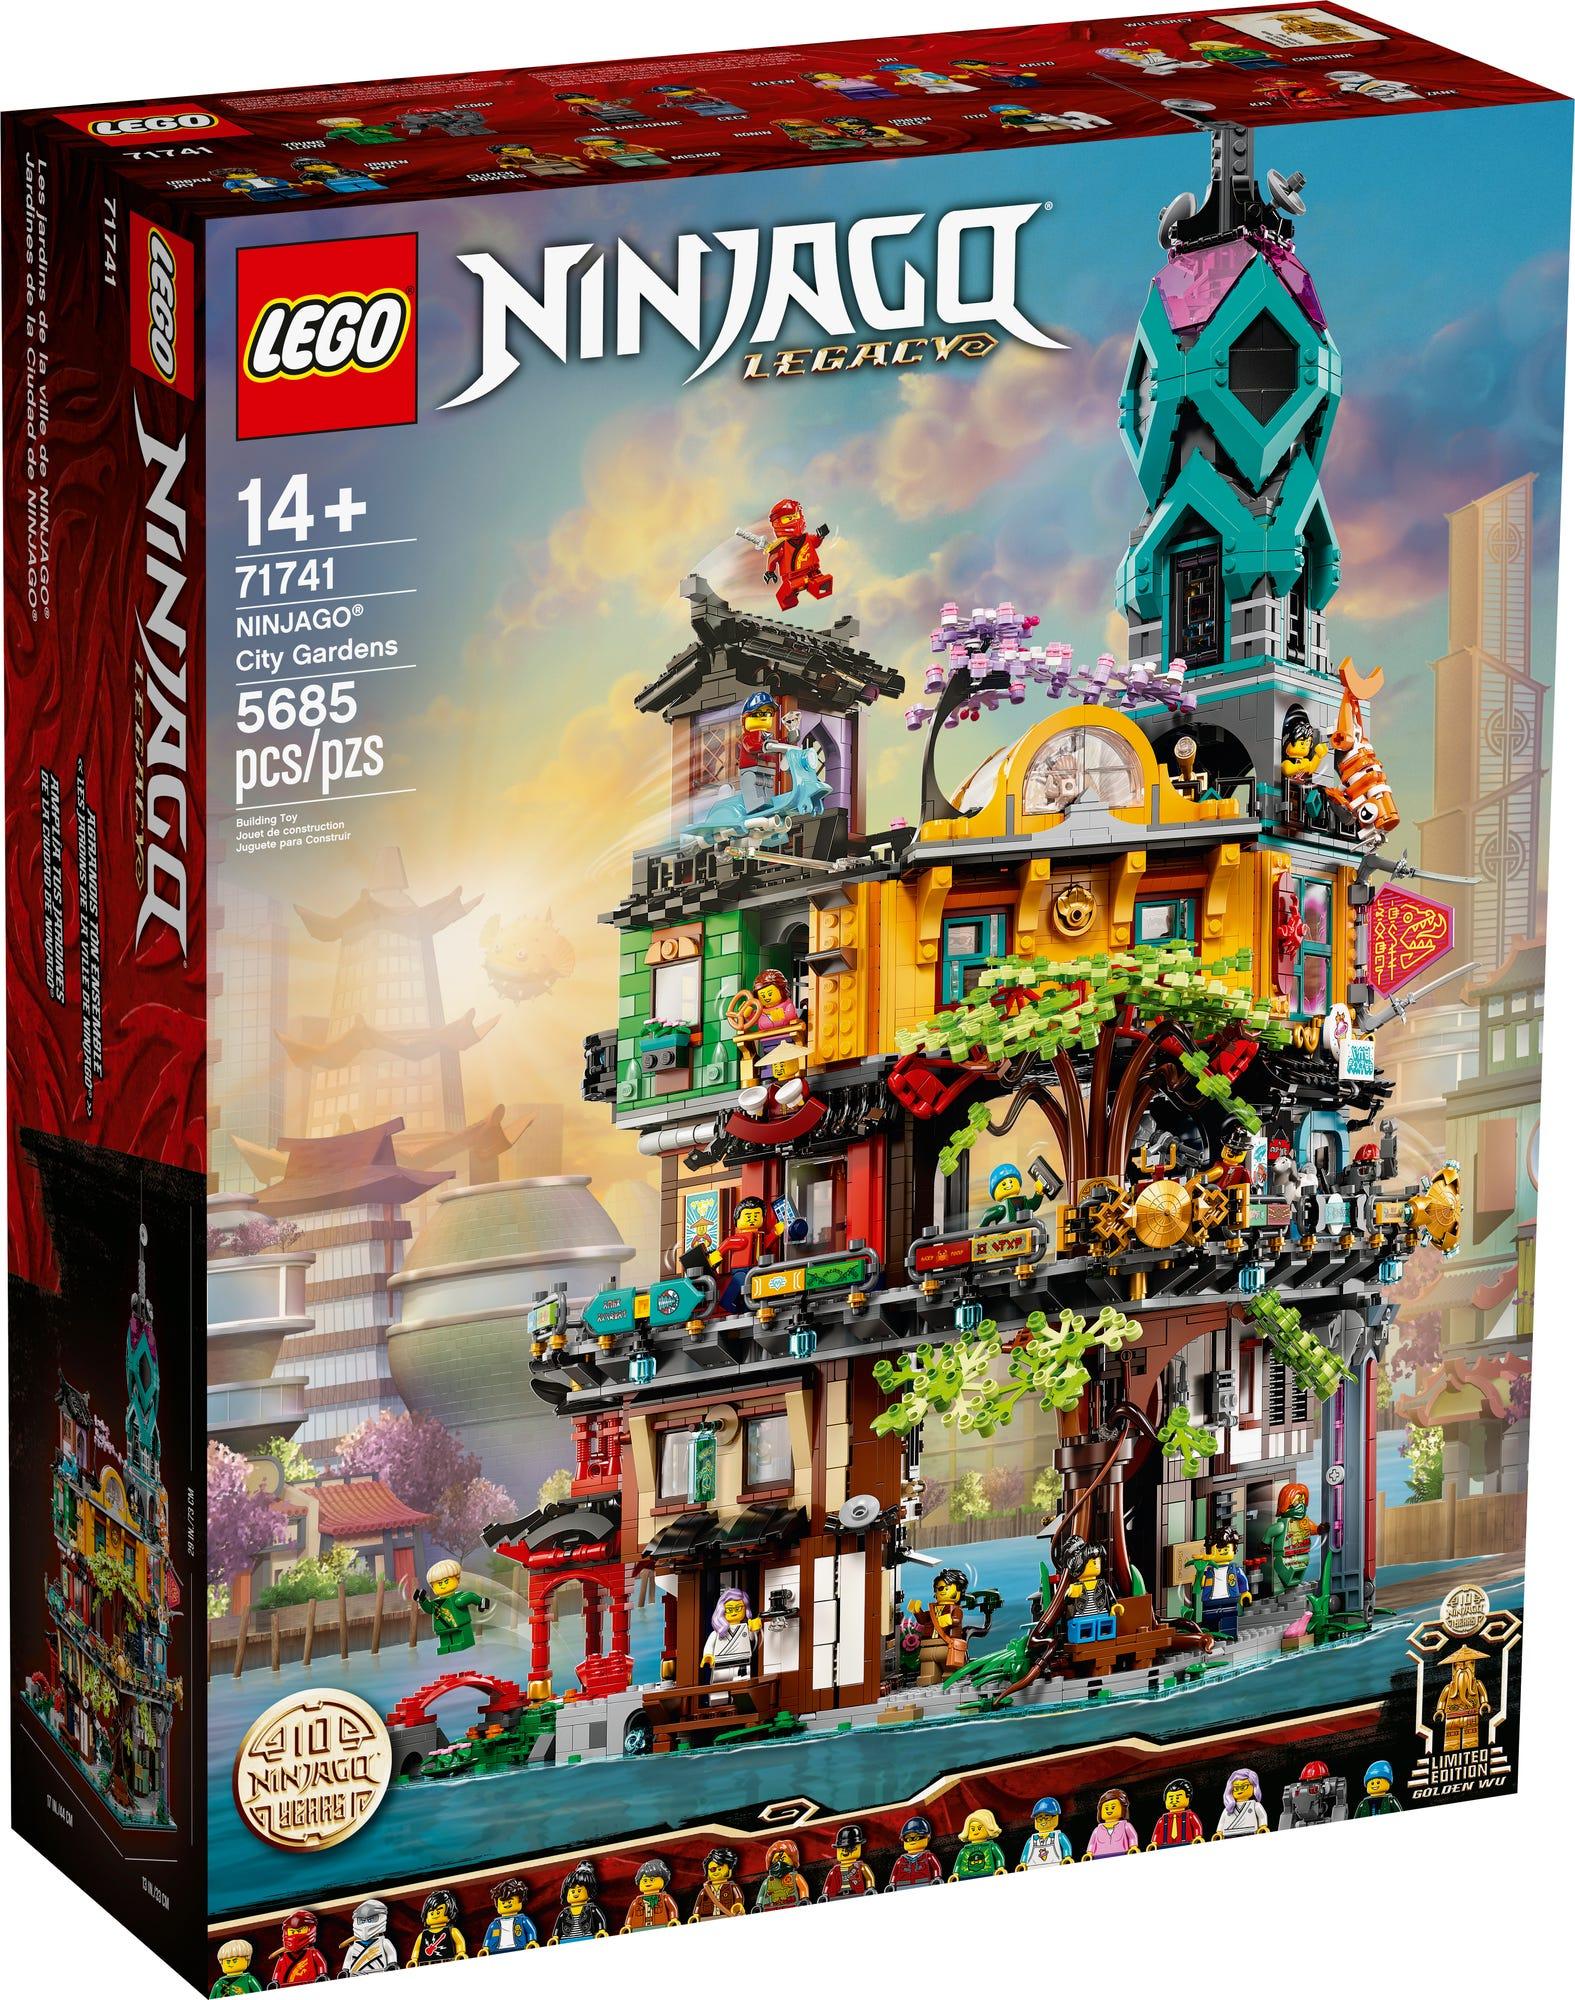 LEGO 71741 LEGO Ninjago City Gardens (14)